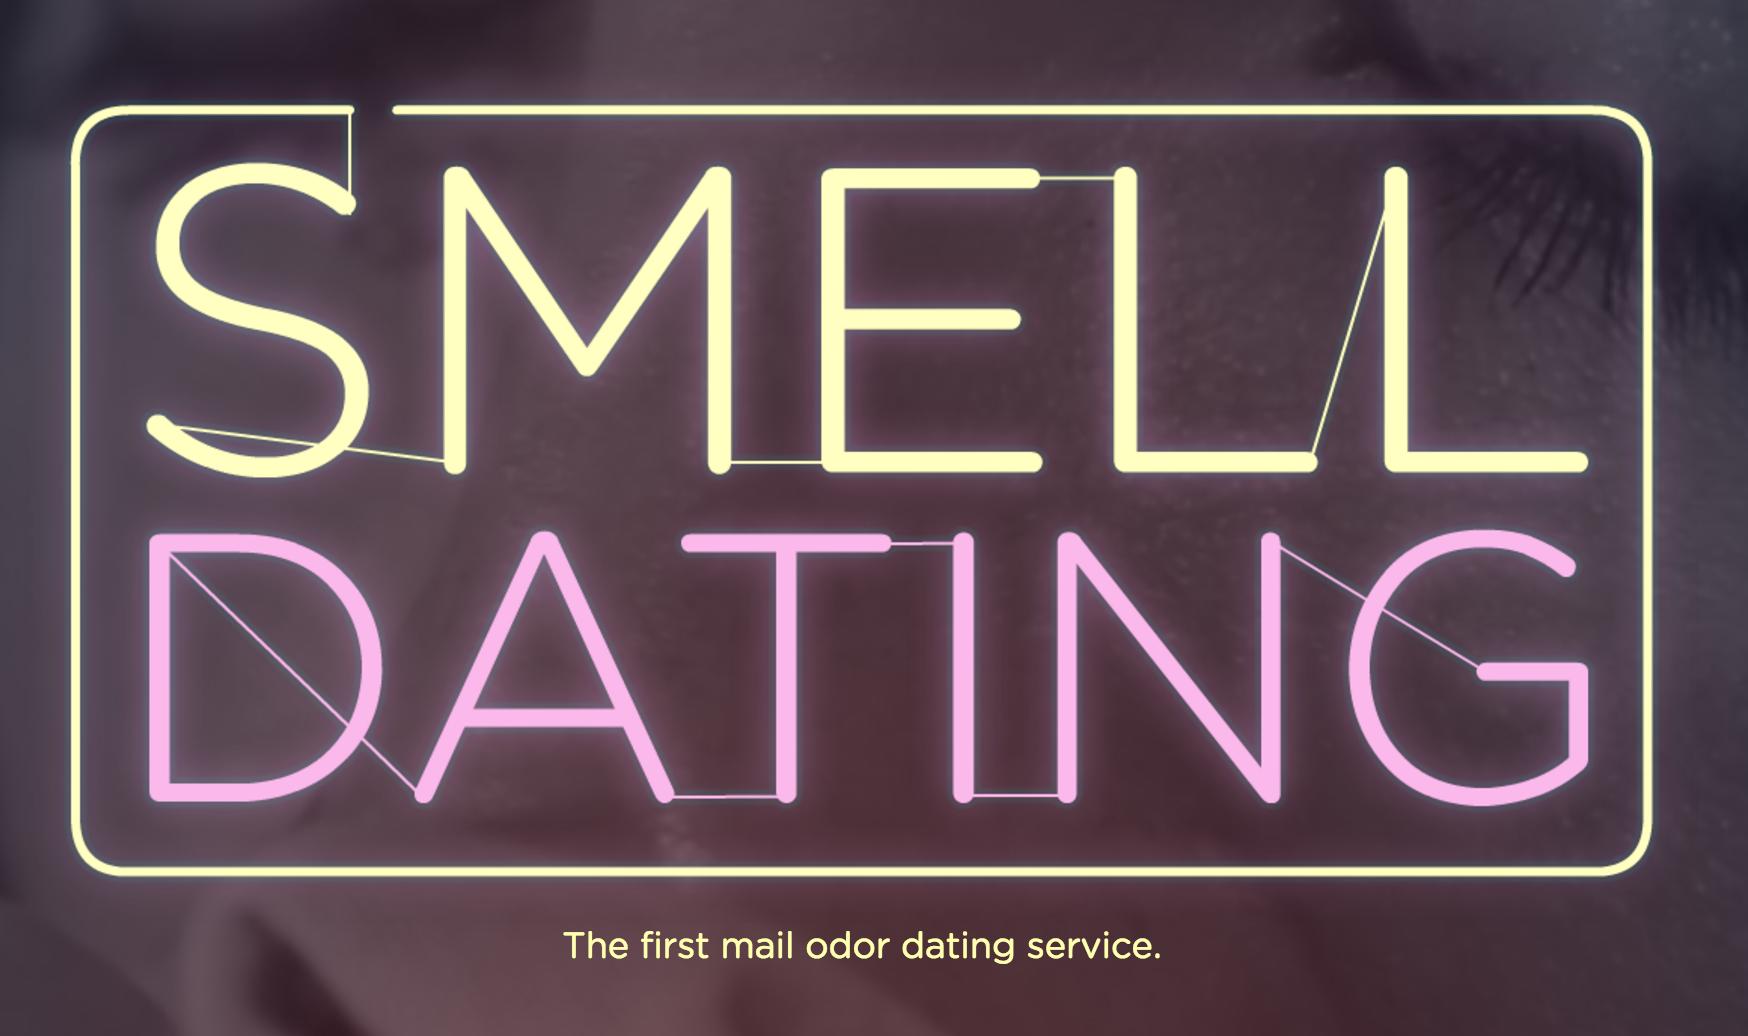 02 dating service faithmate kristen dating